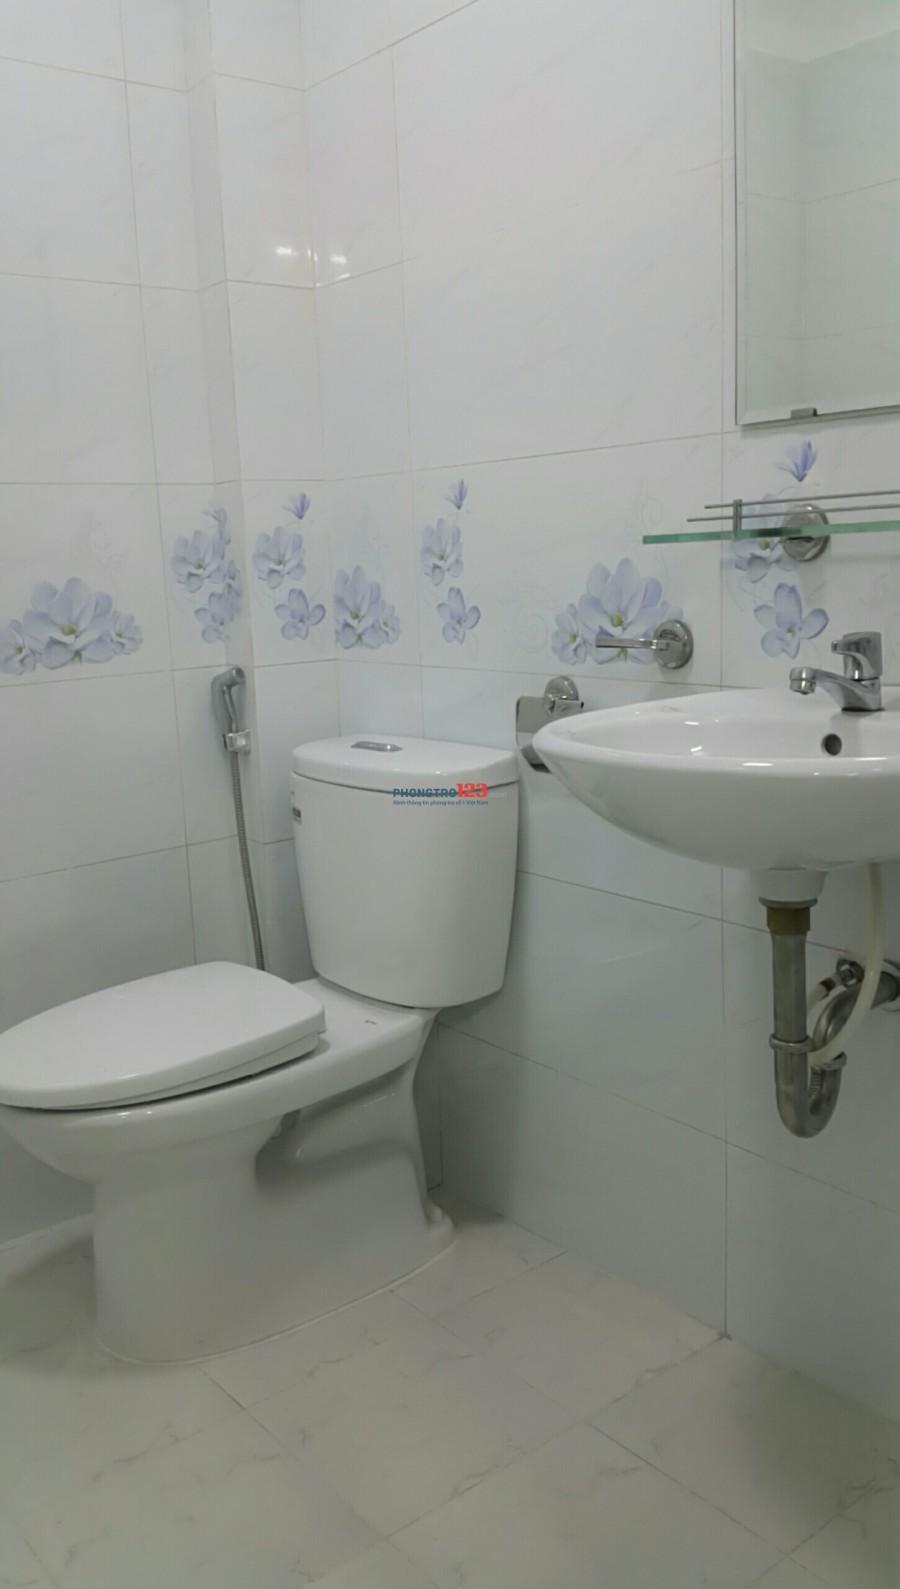 Cho thuê phòng chính chủ, giá hấp dẫn tại Bạch Đằng, Tân Bình